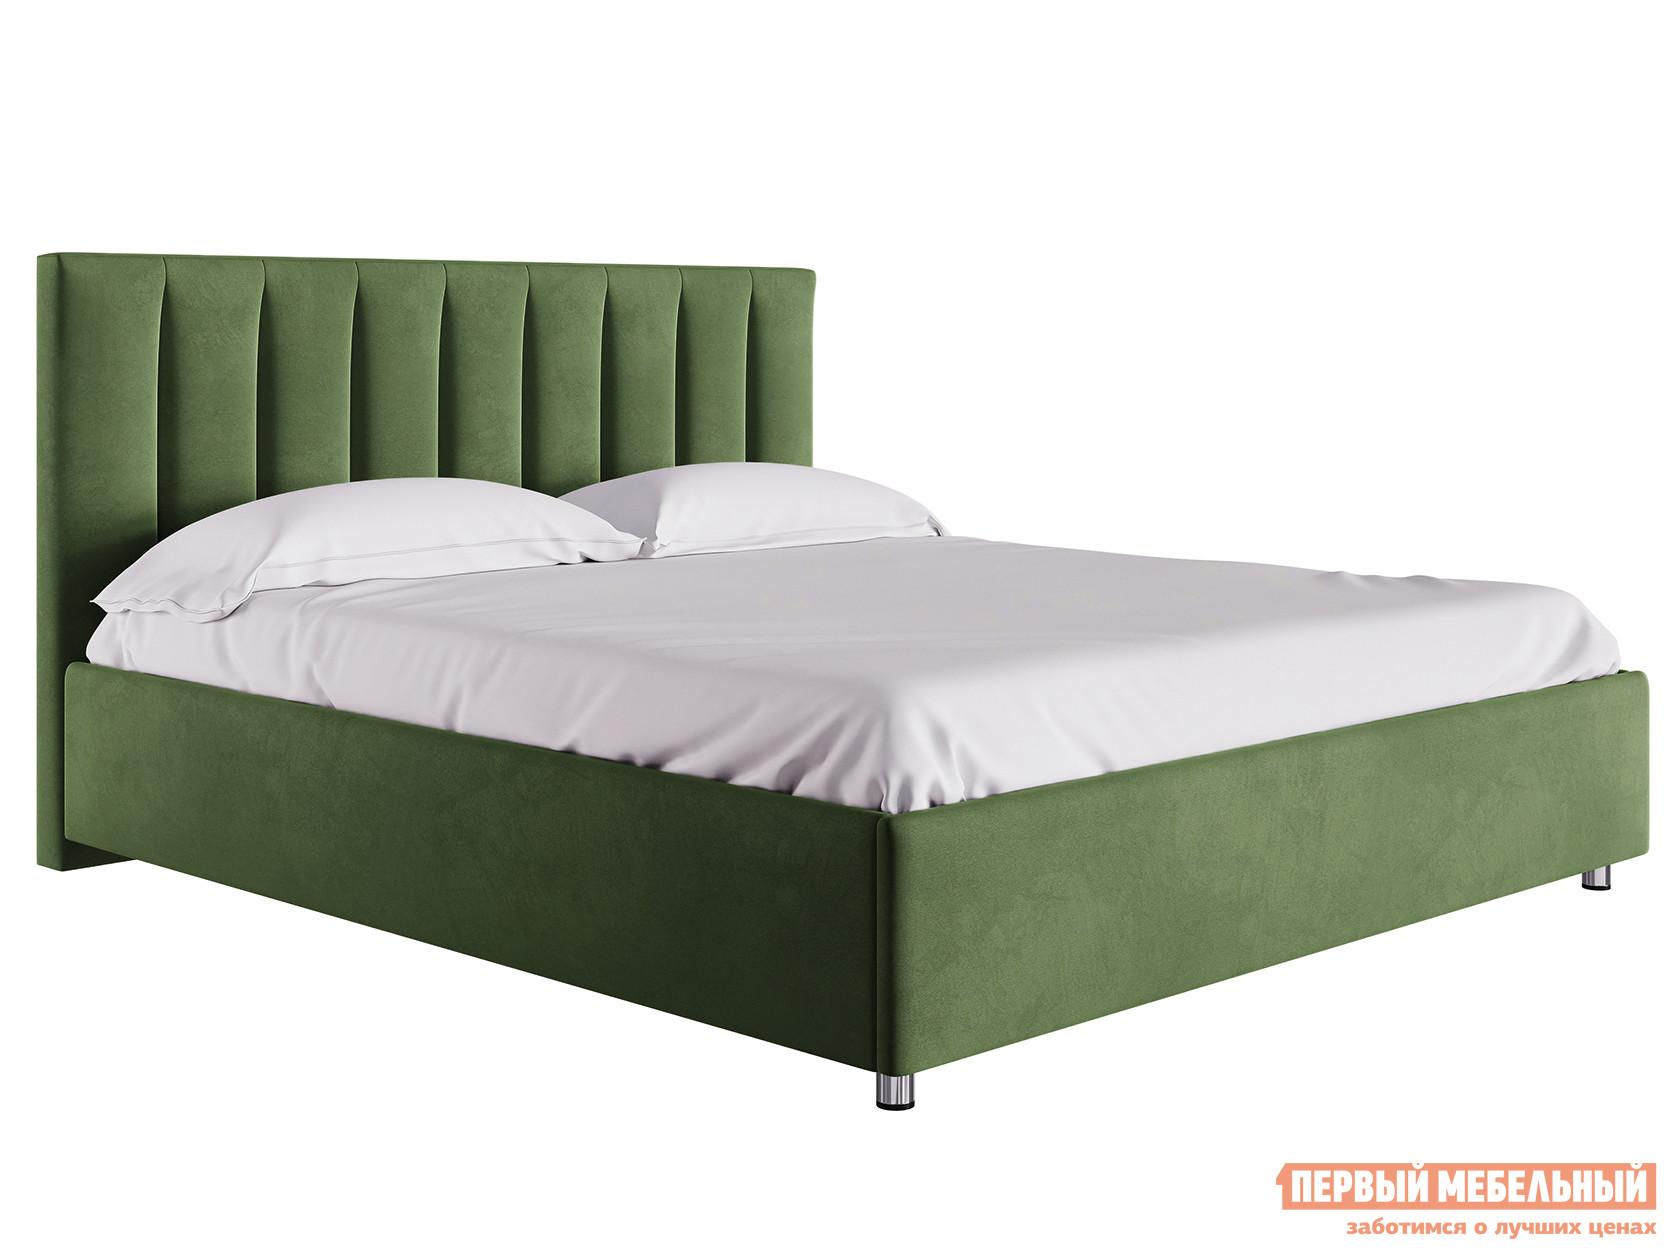 Двуспальная кровать Кровать с подъемным механизмом Кармэн Зелёный, микровелюр, 1600 Х 2000 мм фото